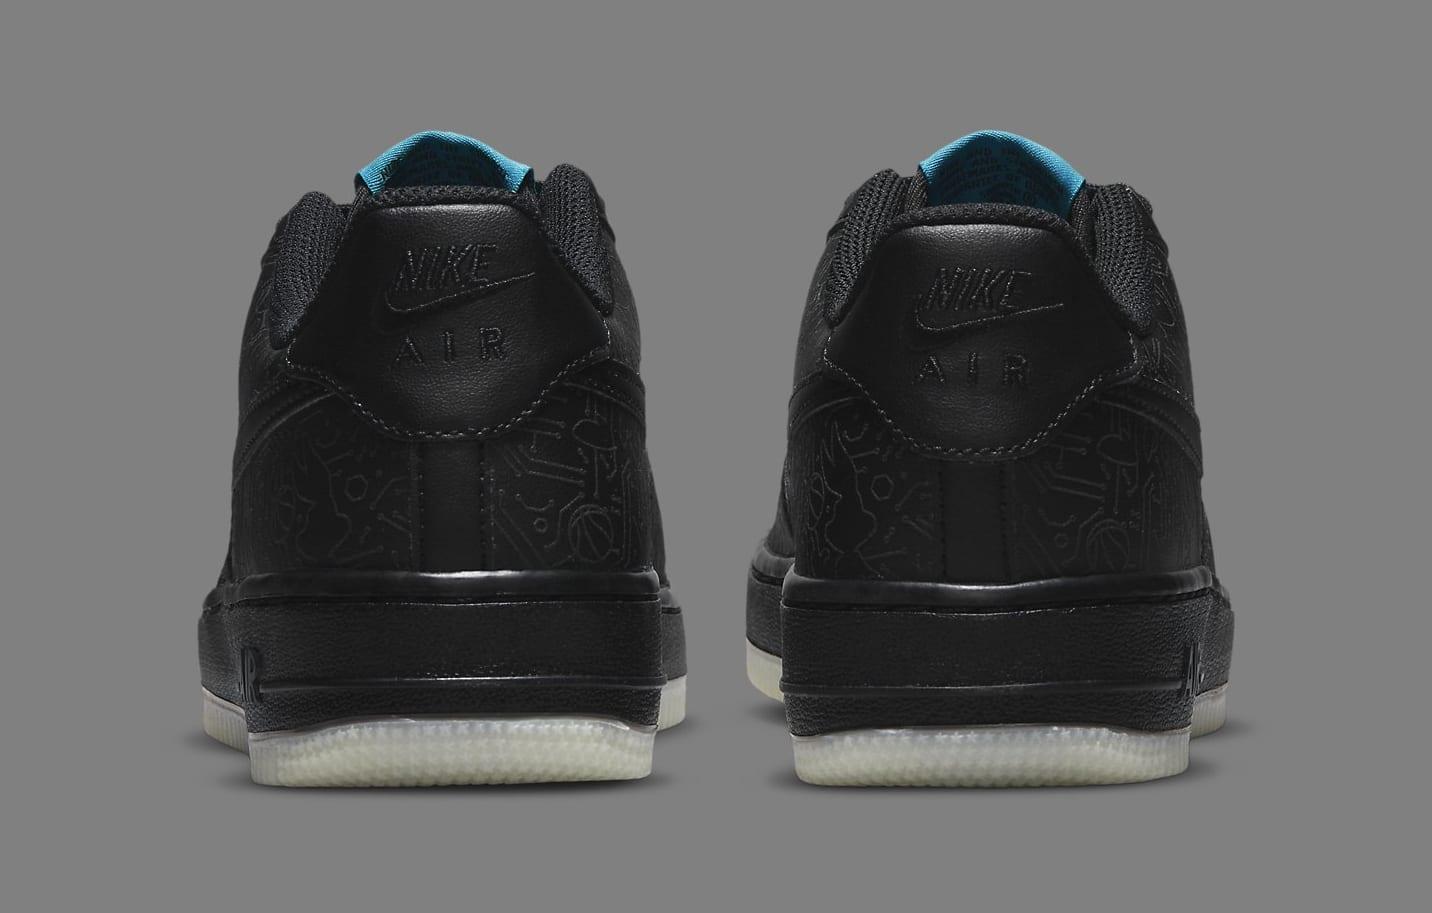 Nike Air Force 1 Low GS 'Space Jam' DN1434-001 Heel